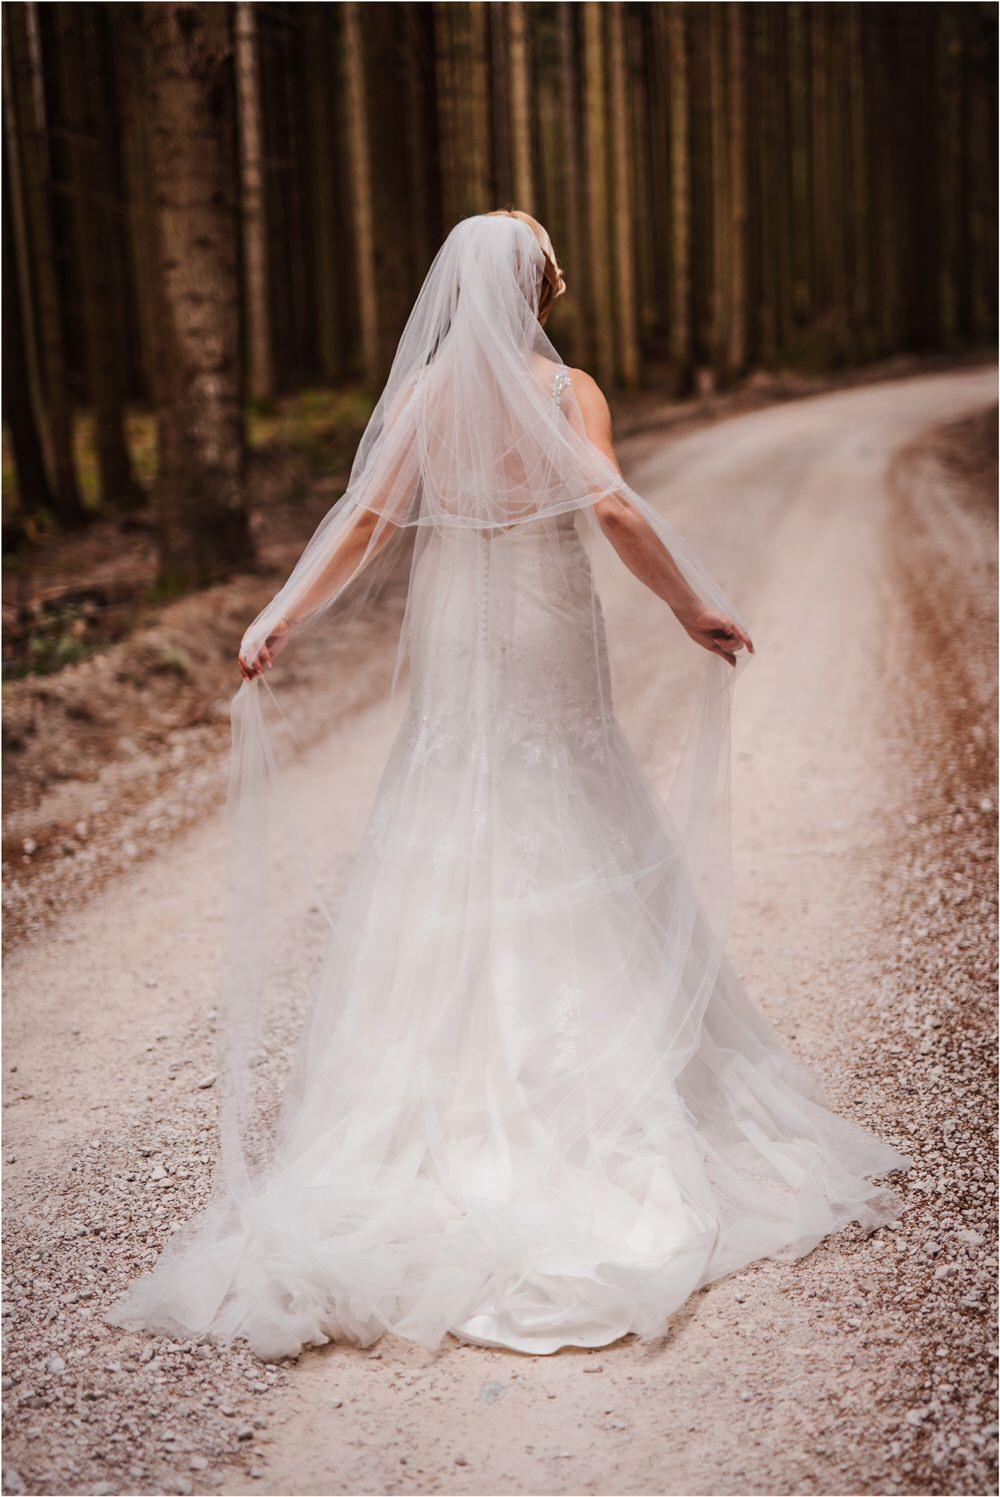 tuscany italy wedding photographer croatia austria france ireland lake bled engagement wedding porocni fotograf 0048.jpg